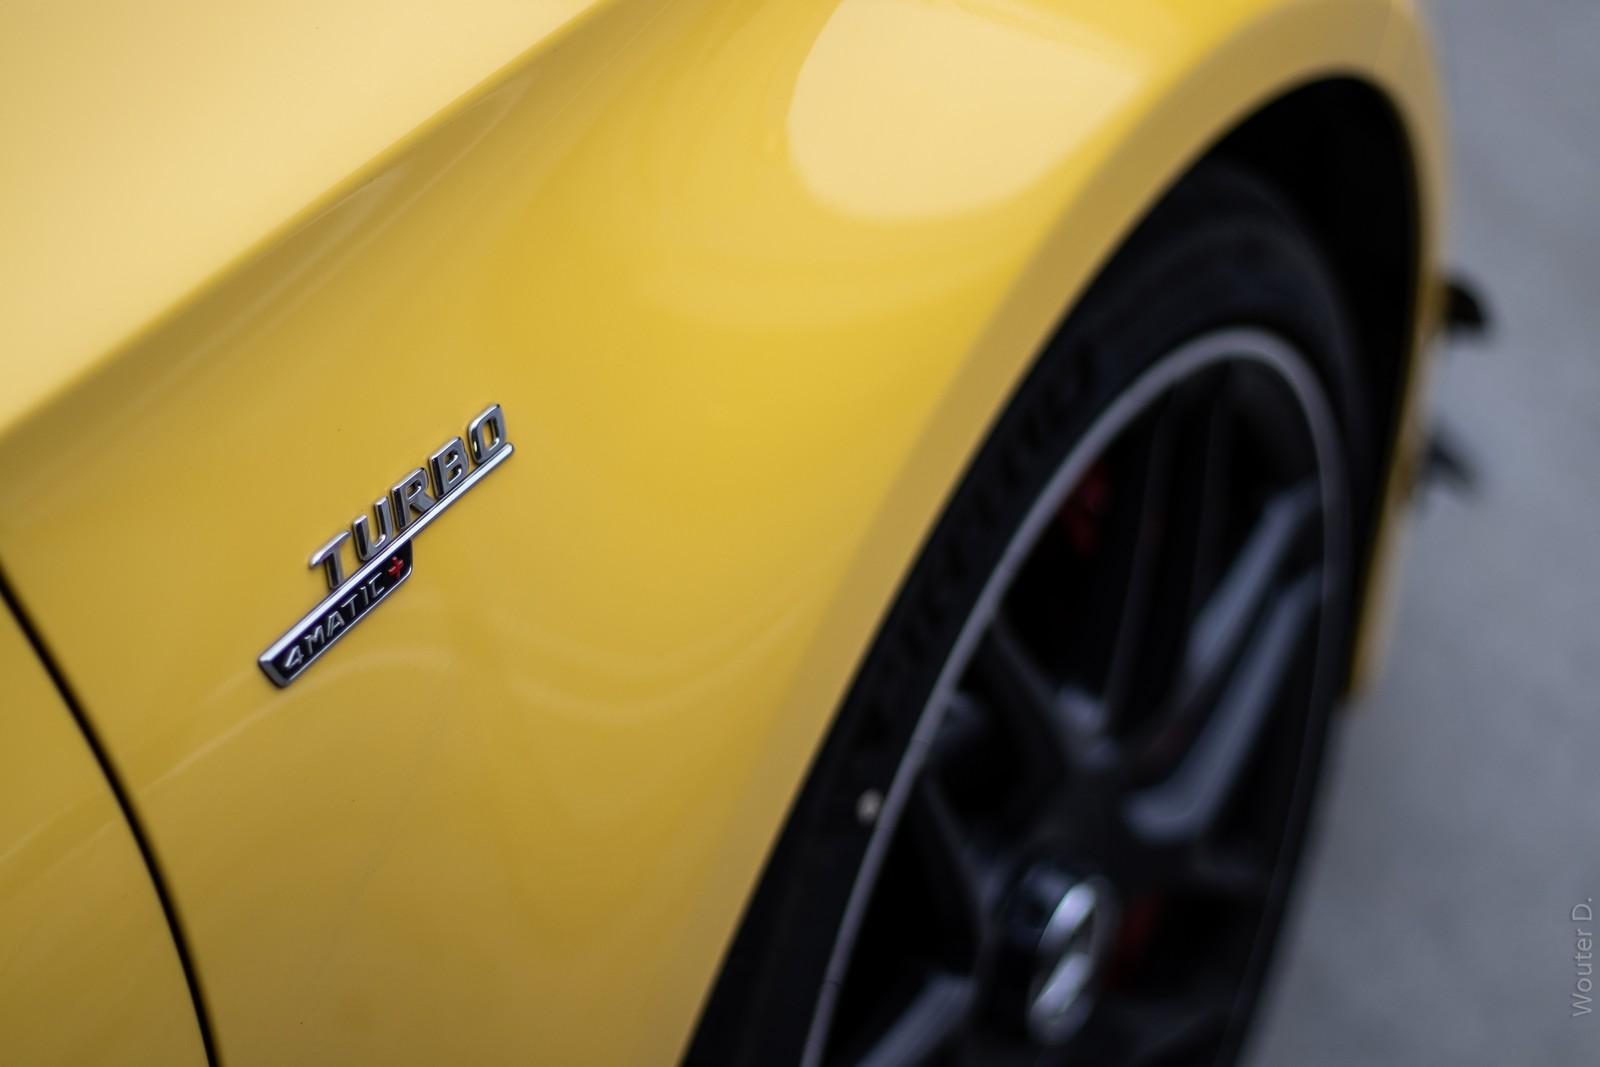 AMG Turbo Badge